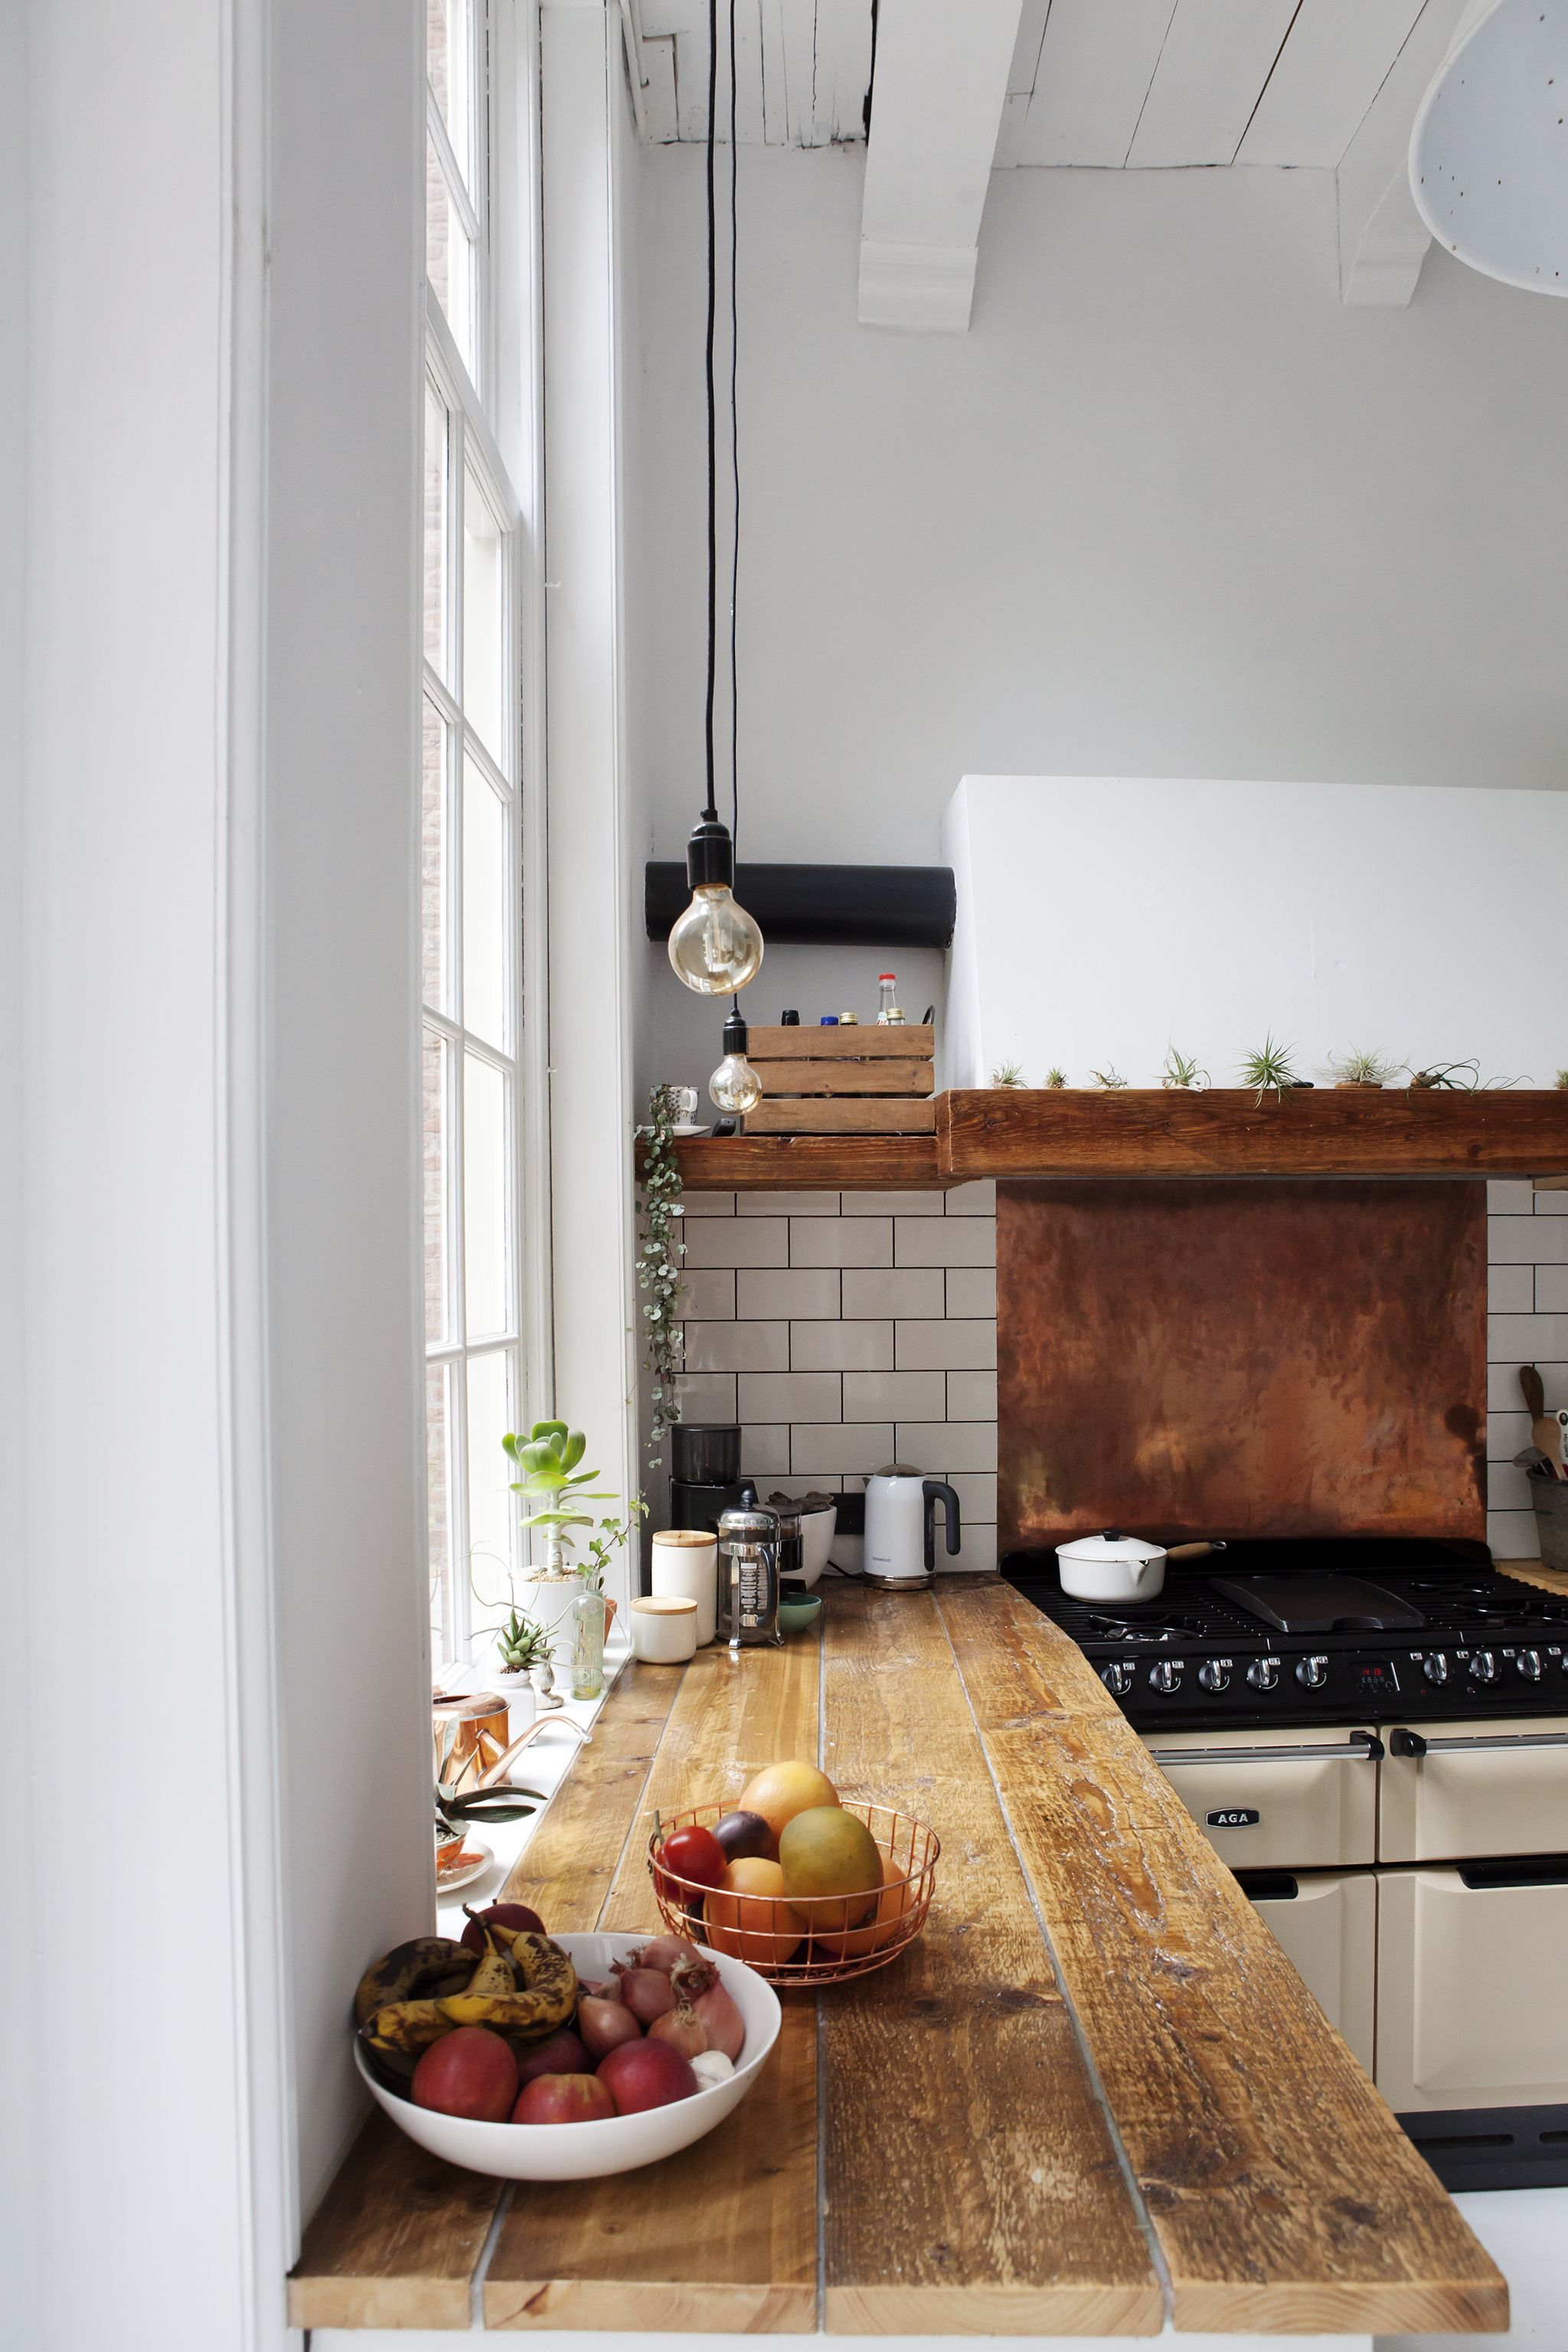 Pin van F. Berenschot op Verlichting | Pinterest - Keuken ...